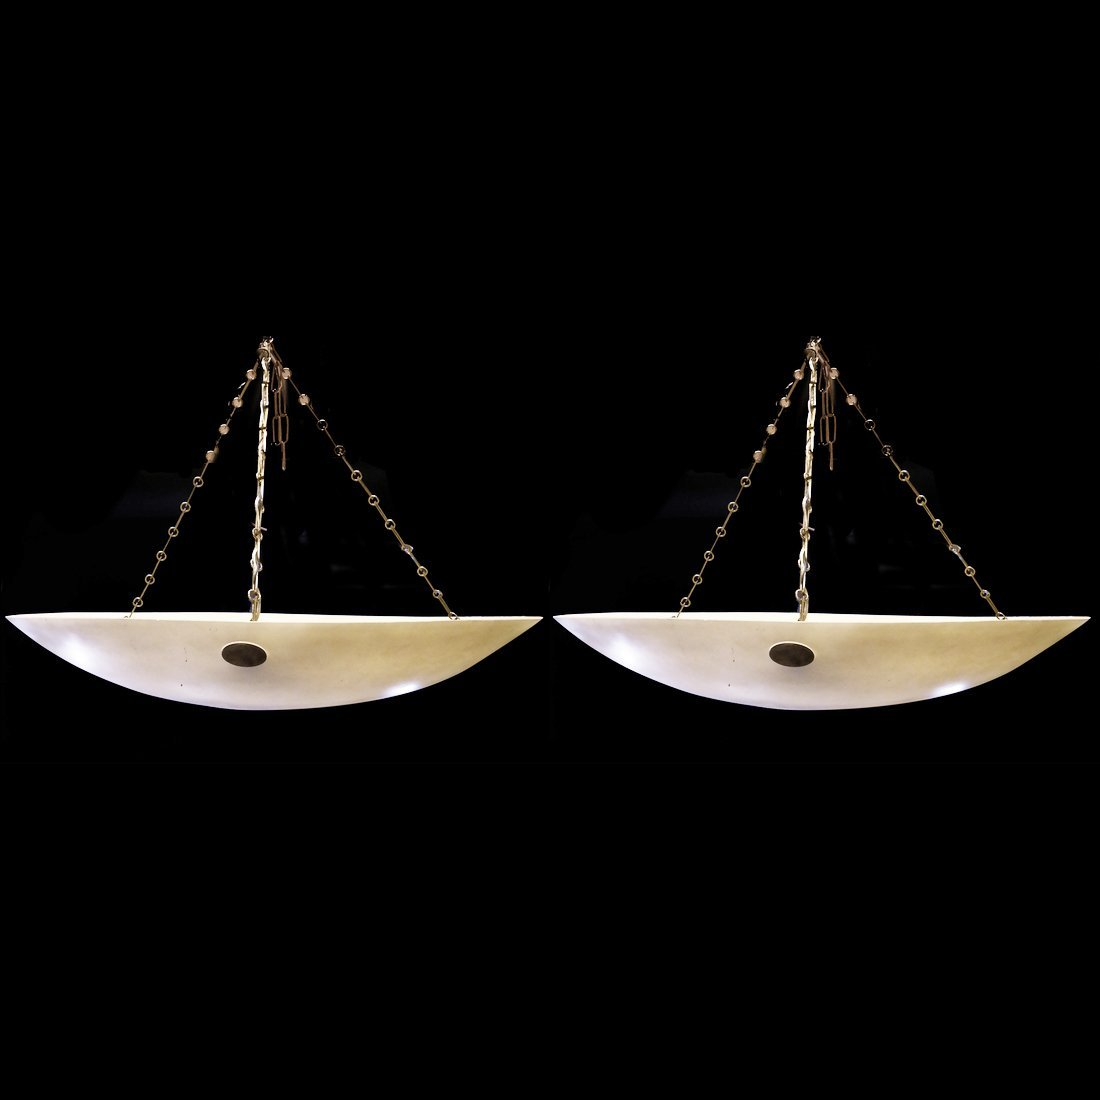 Pair of Modern Circular Light Fixtures